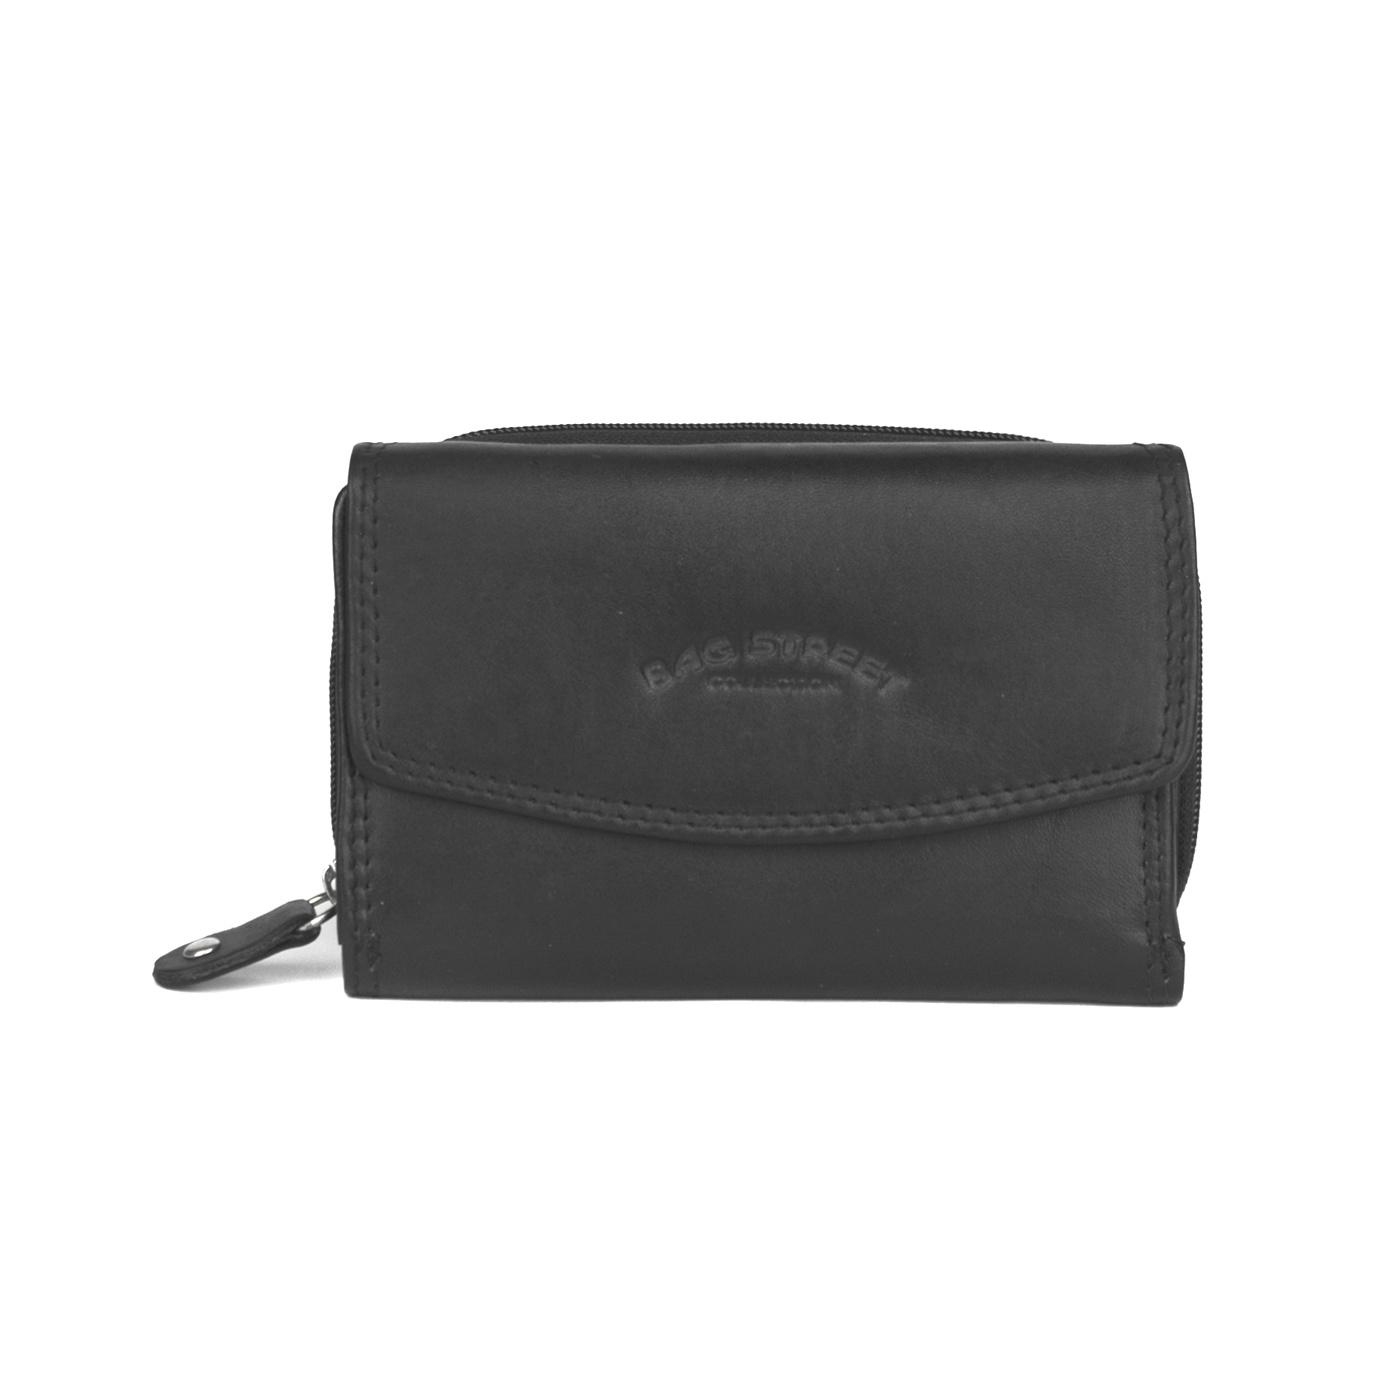 Damski mały portfel Bag Street - czarny